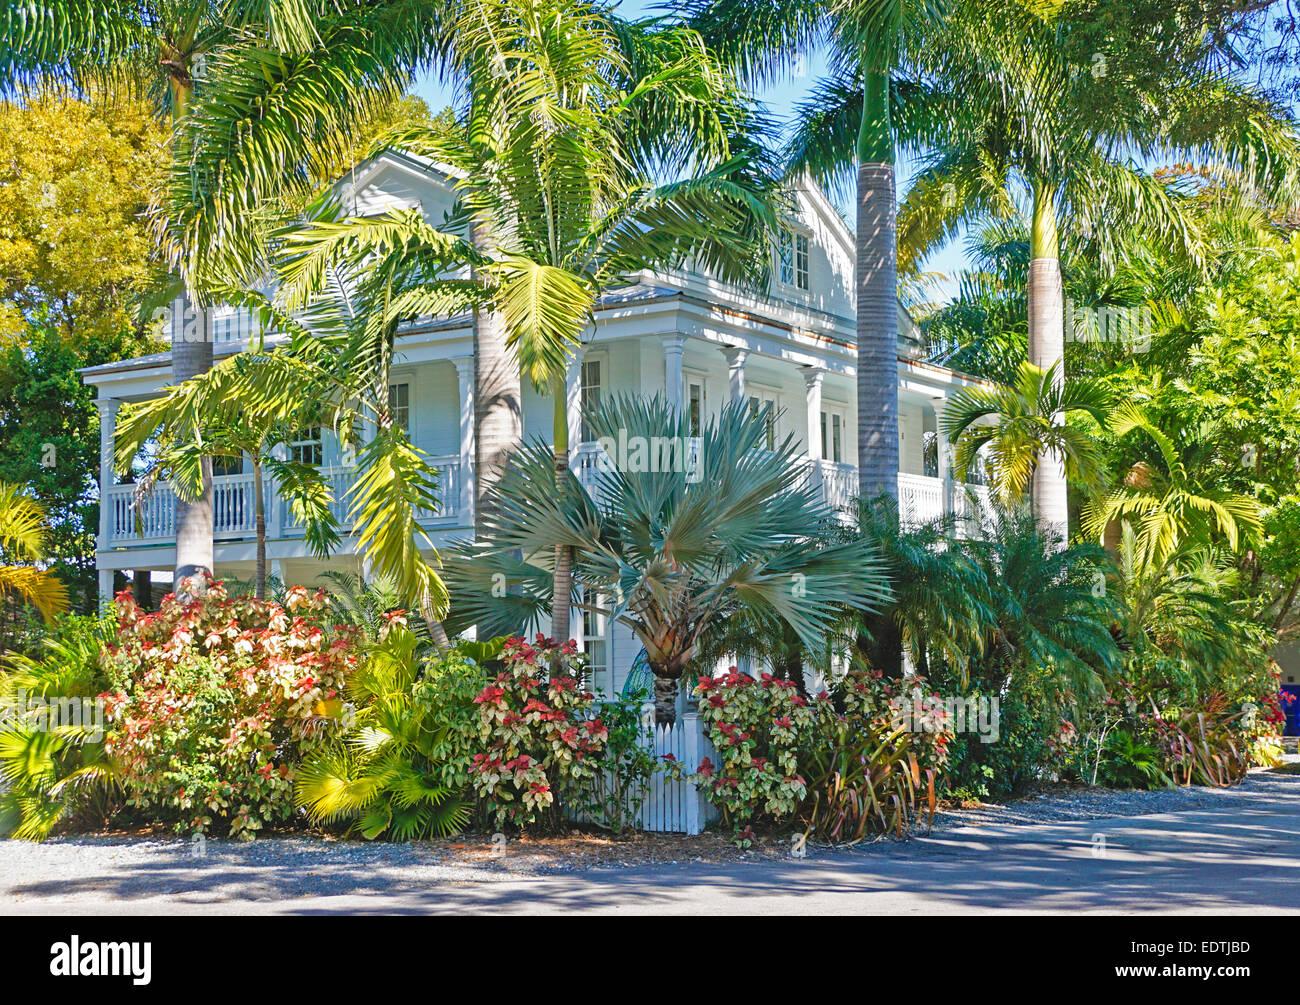 Grande casa in stile Key West architettura. Immagini Stock